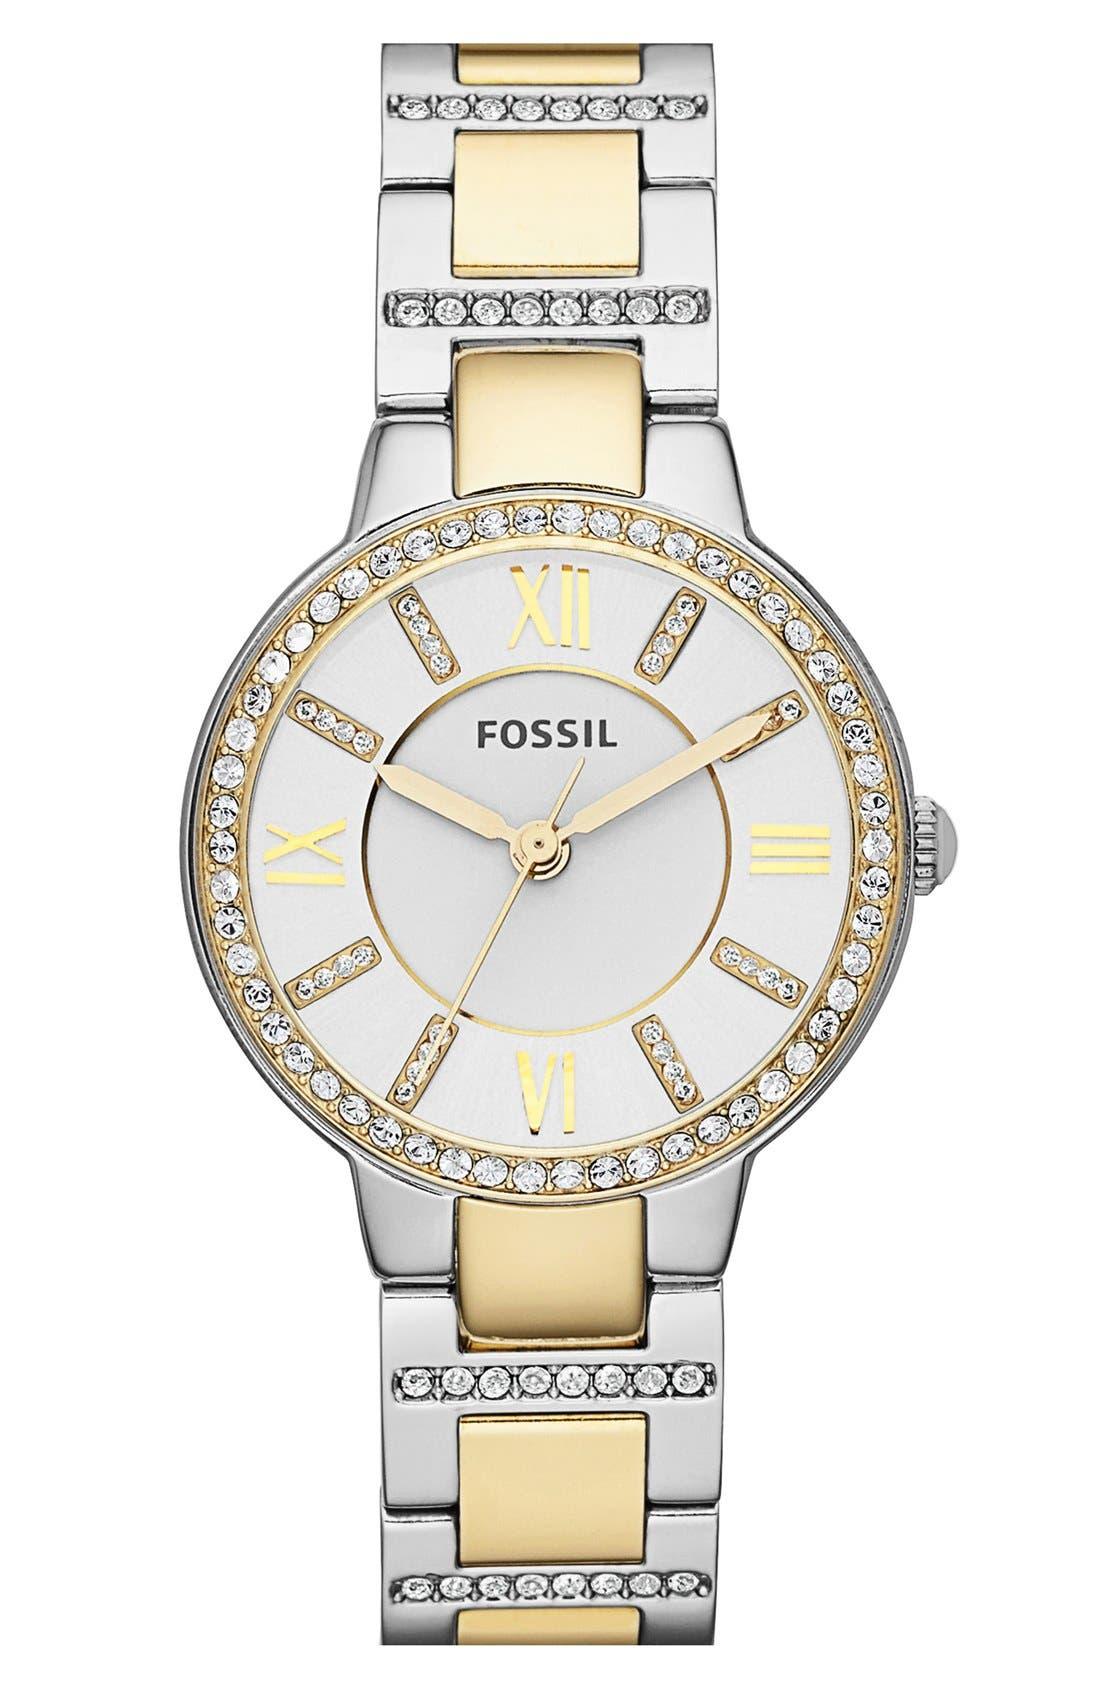 Fossil 'Virginia' Crystal Bezel Bracelet Watch, 34mm